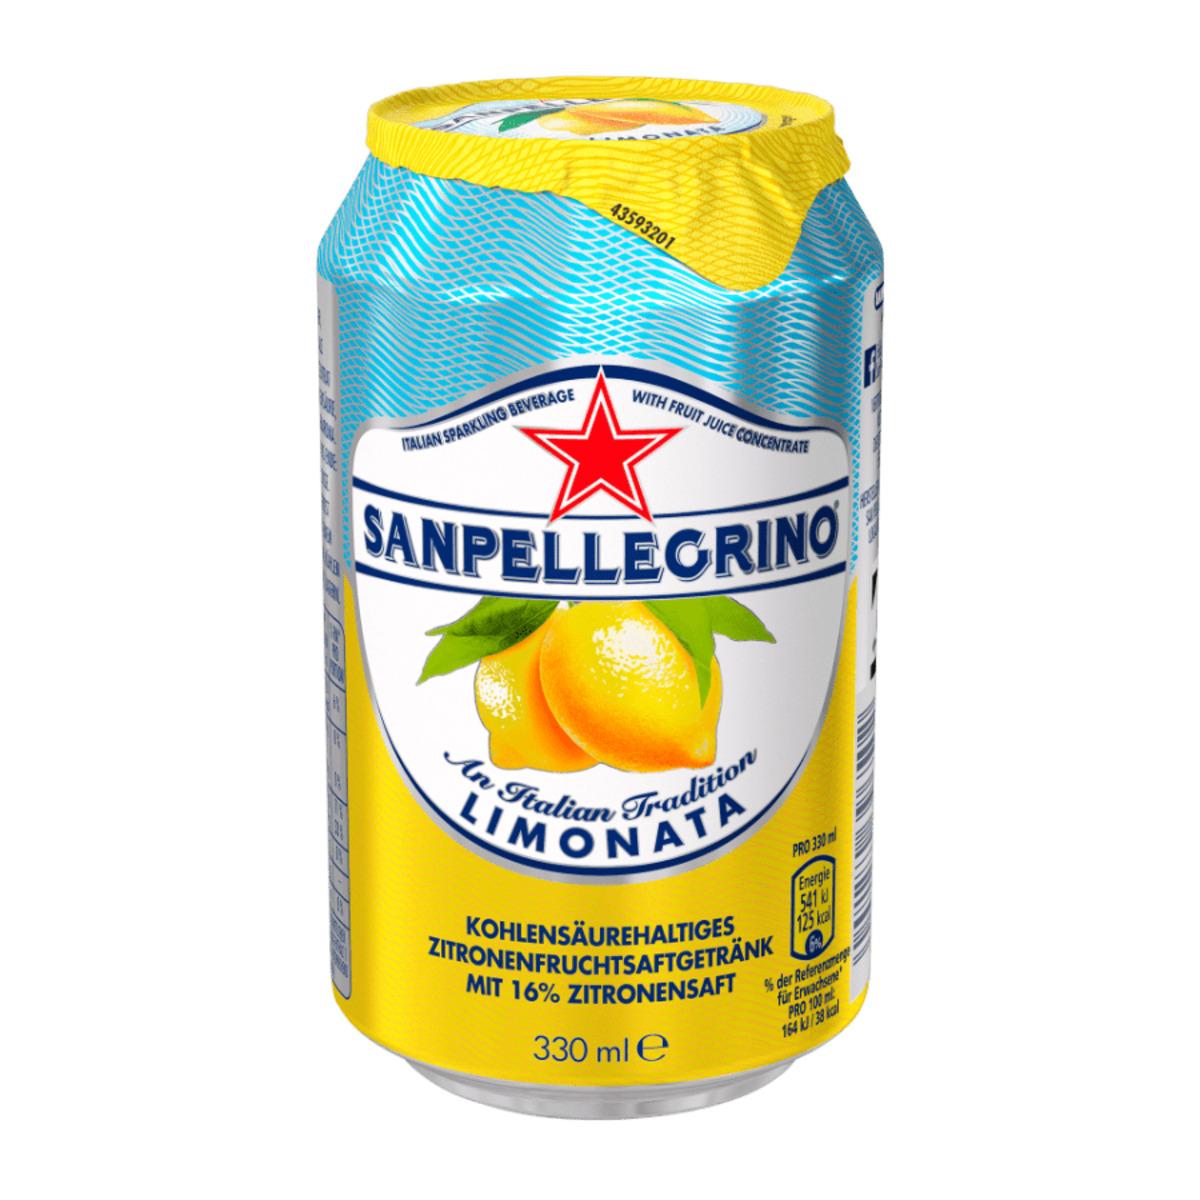 Bild 2 von Sanpellegrino